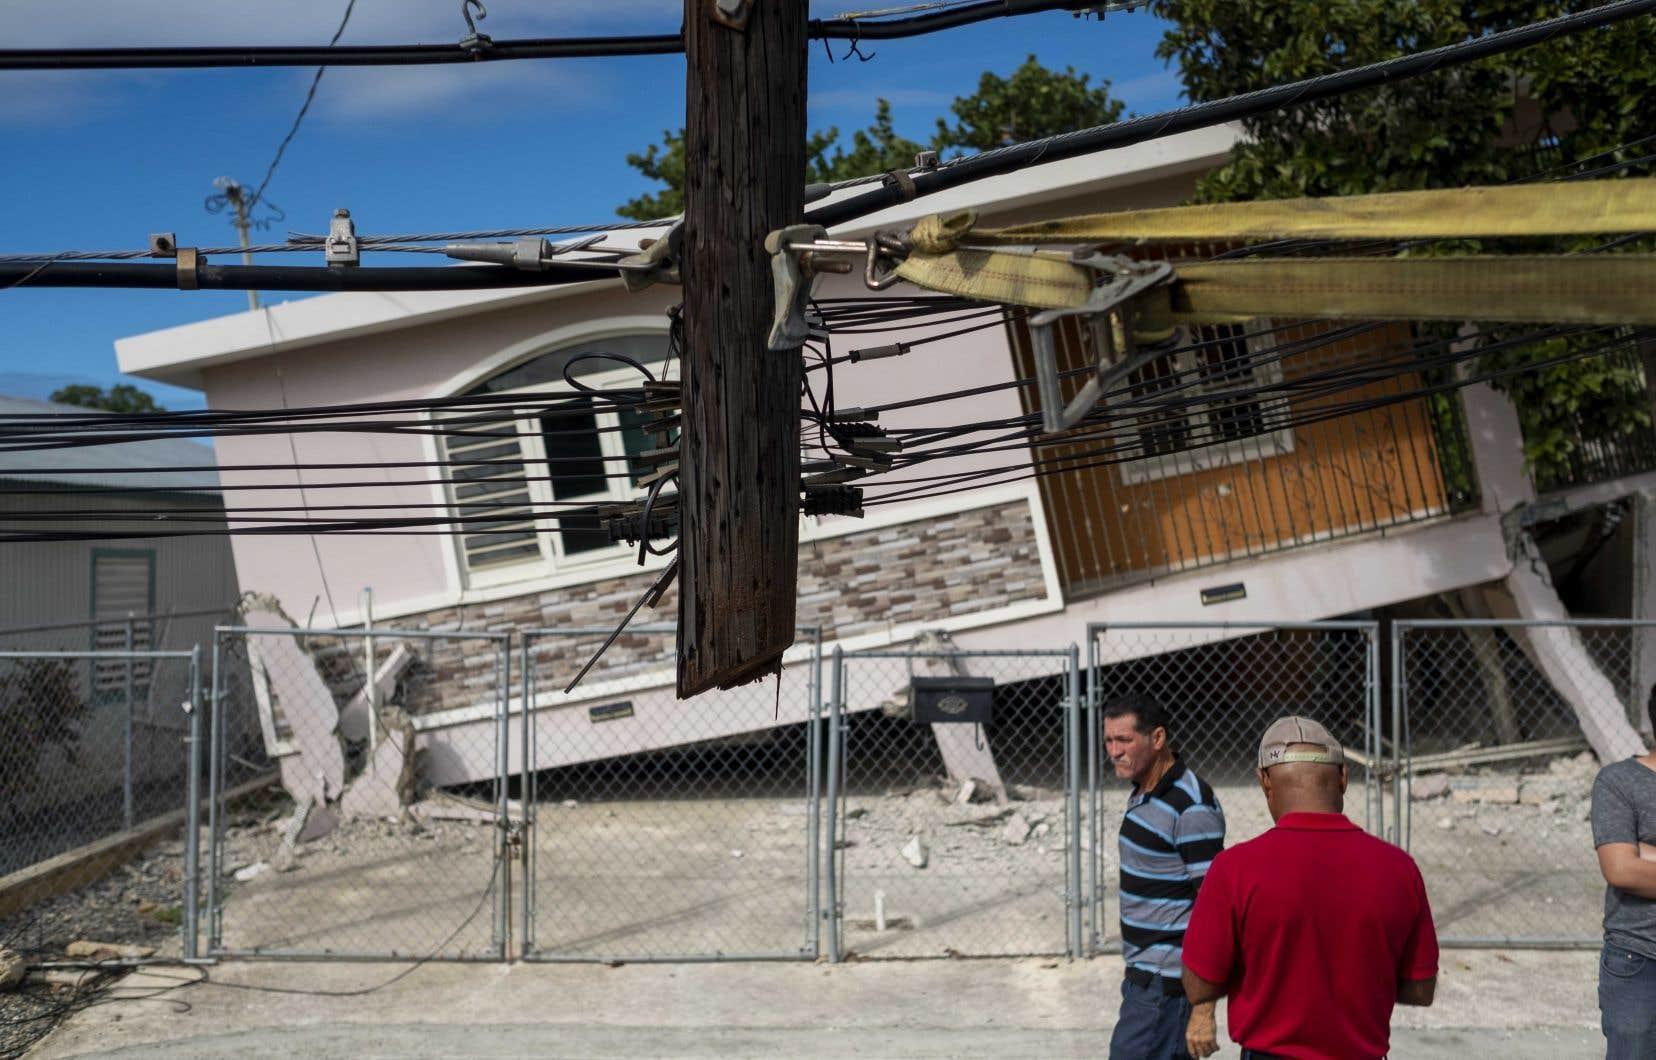 Un tremblement de terre de magnitude 5,8 avait déjà secoué l'île la veille, causant d'importants dégâts matériels.